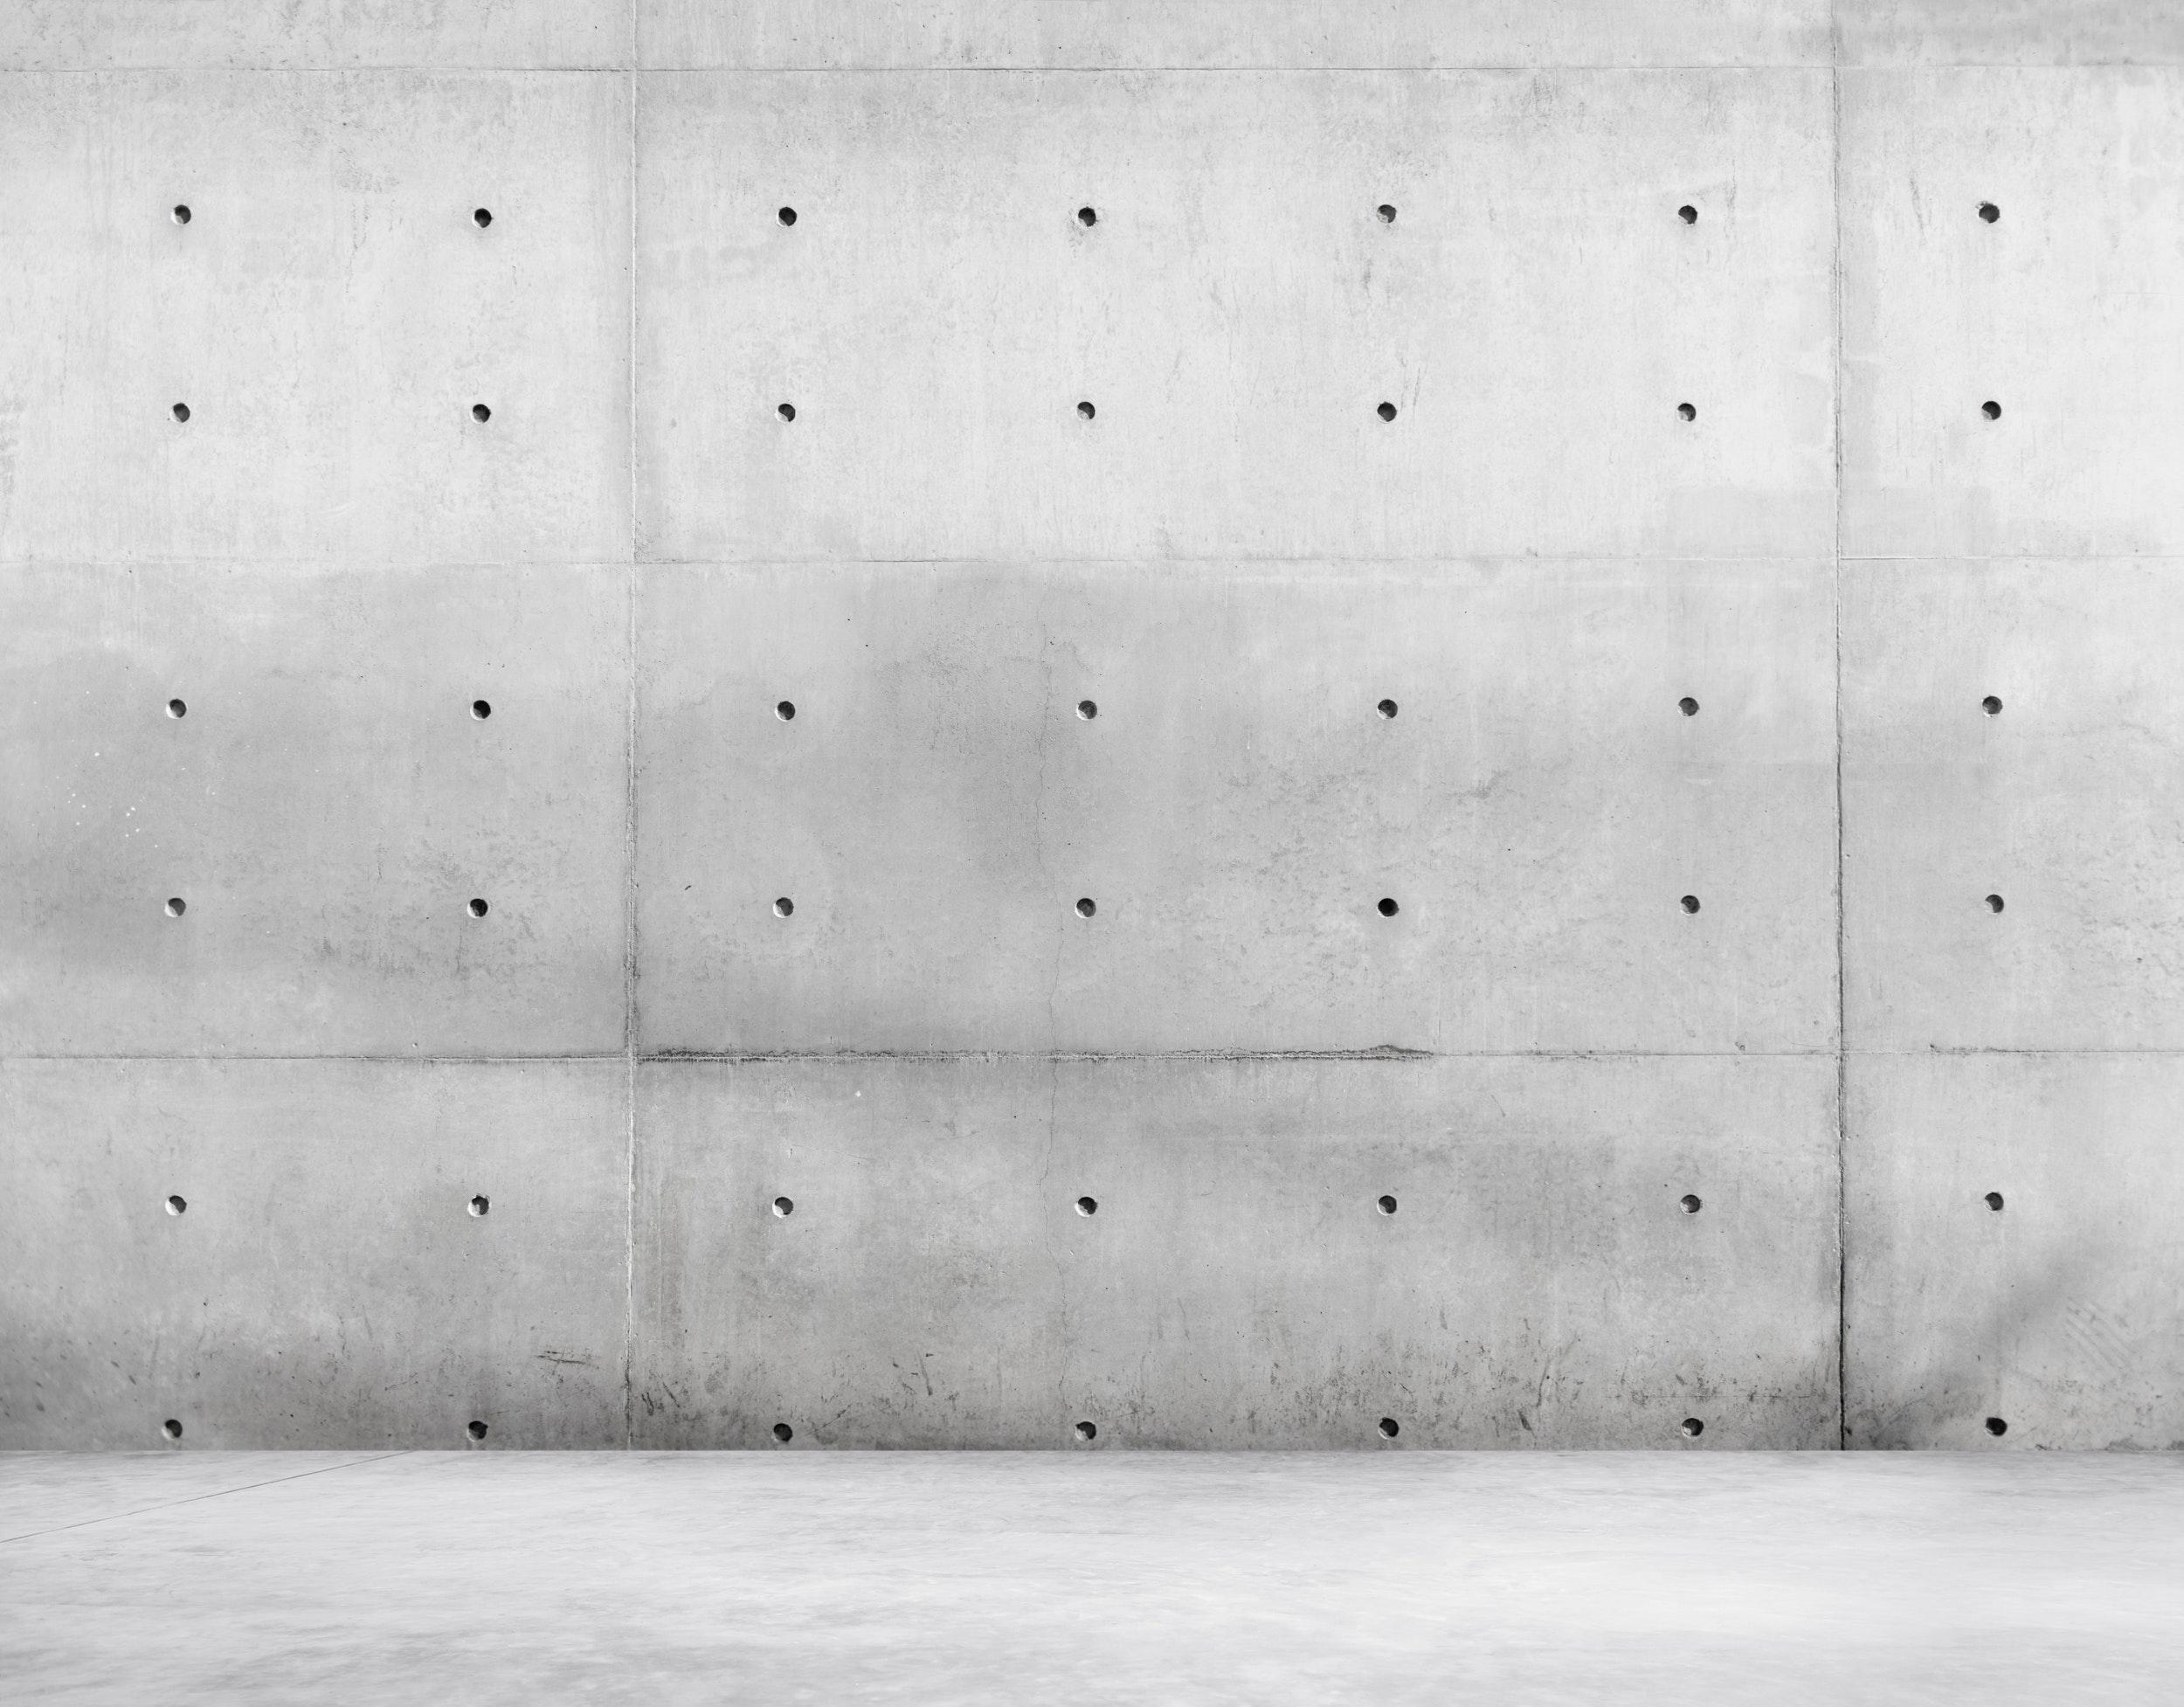 Gray Concrete Wall · Free Stock Photo